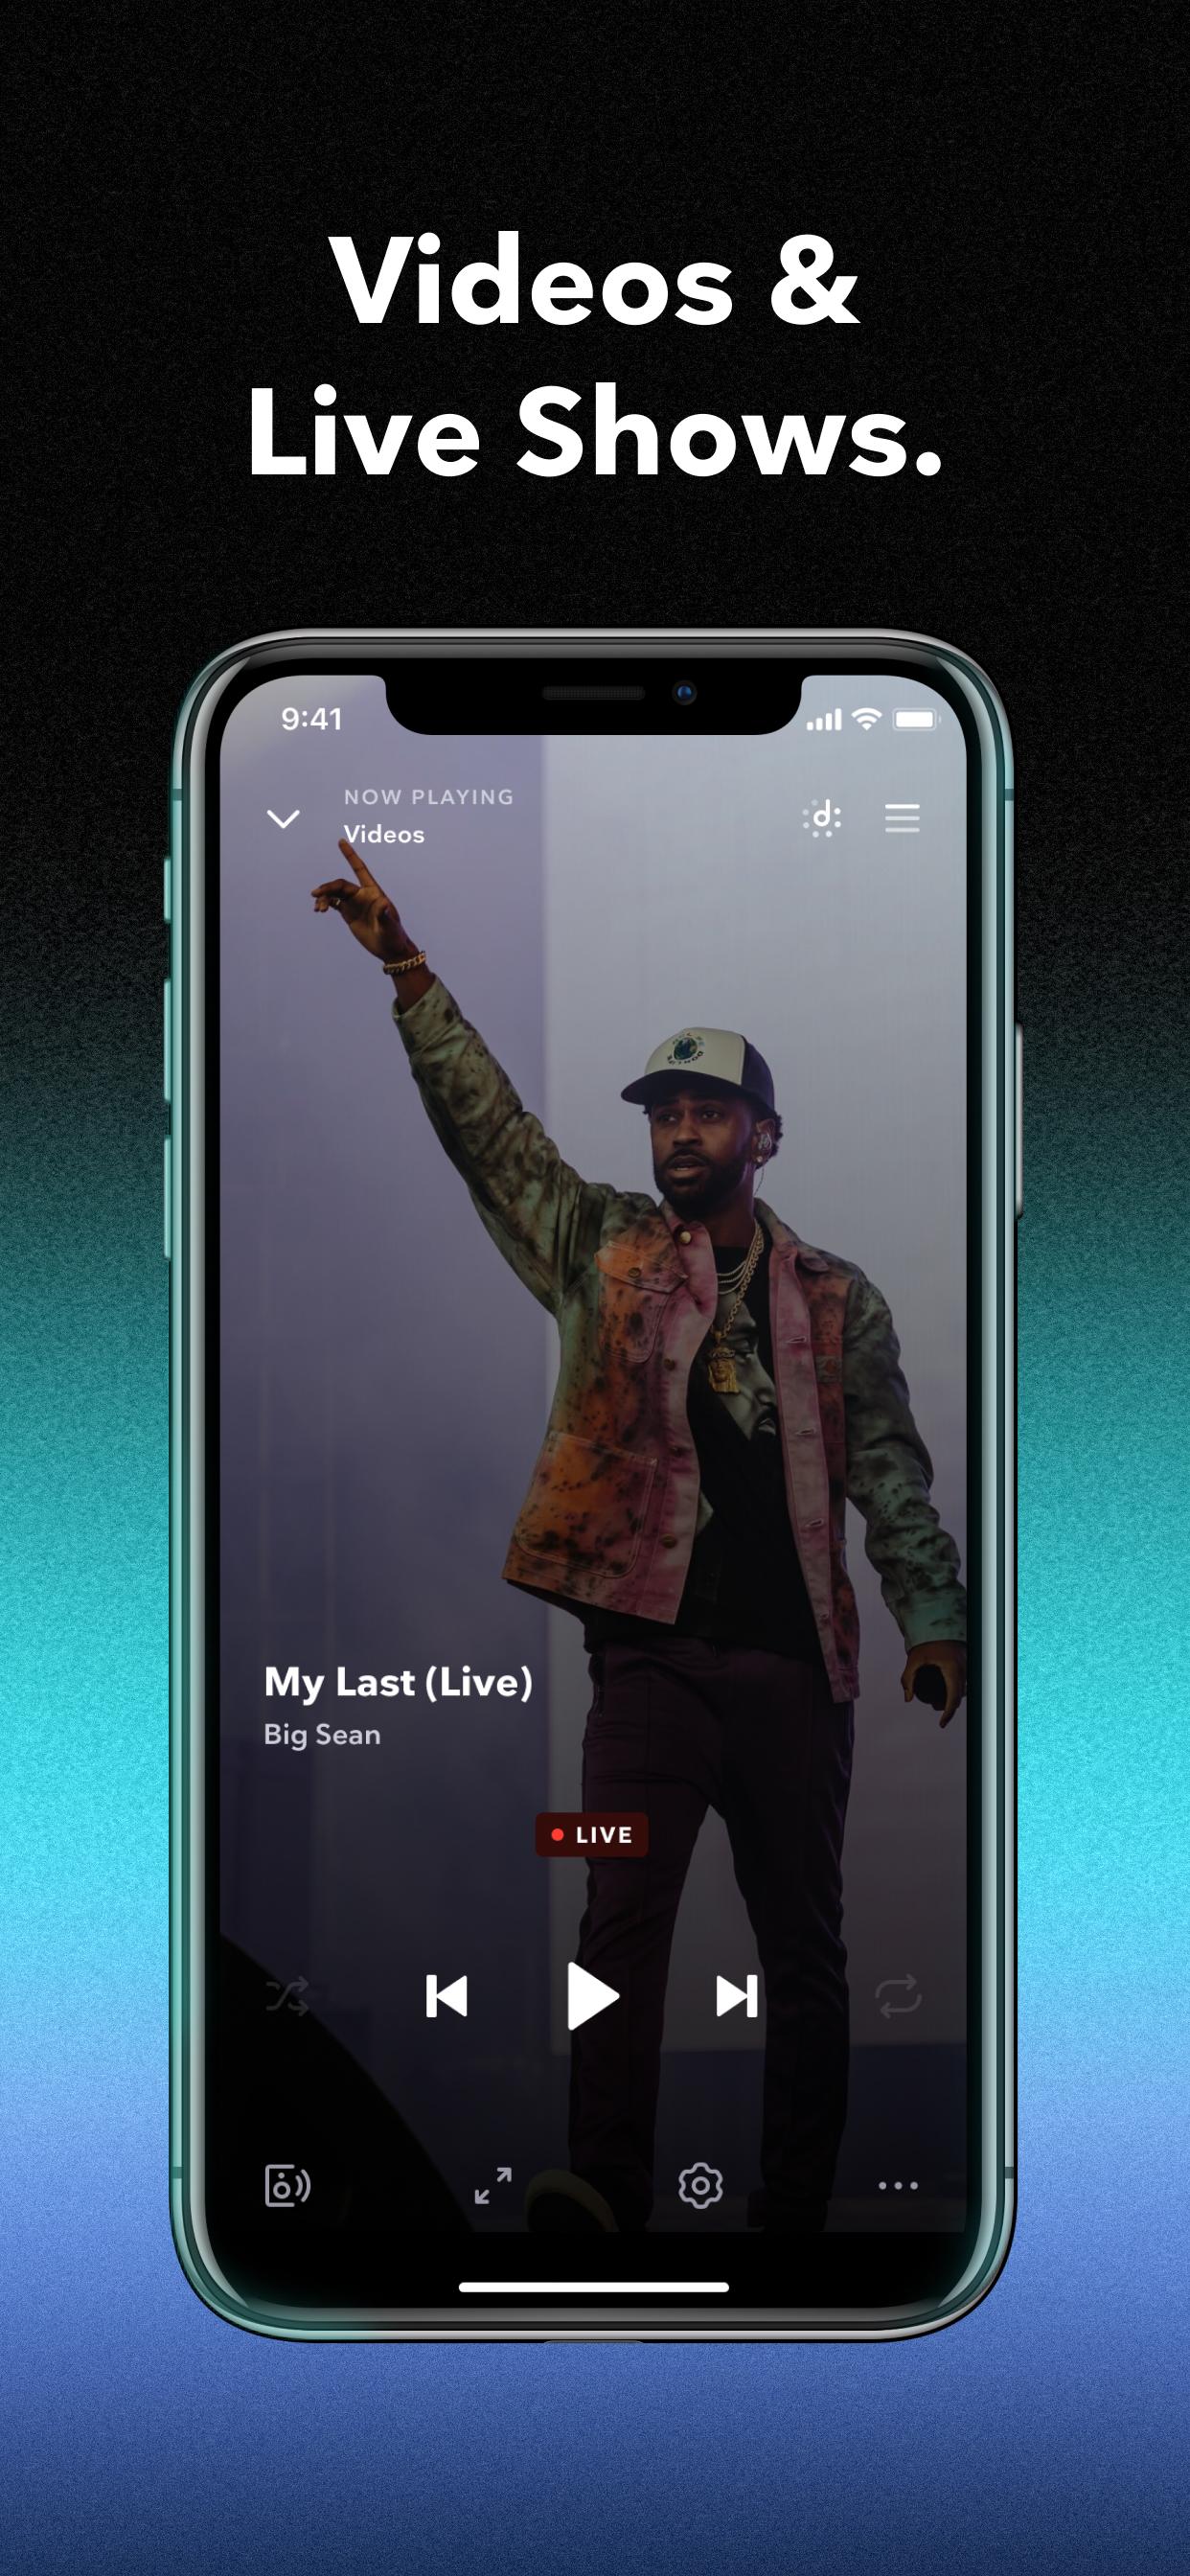 App Store screenshot 6